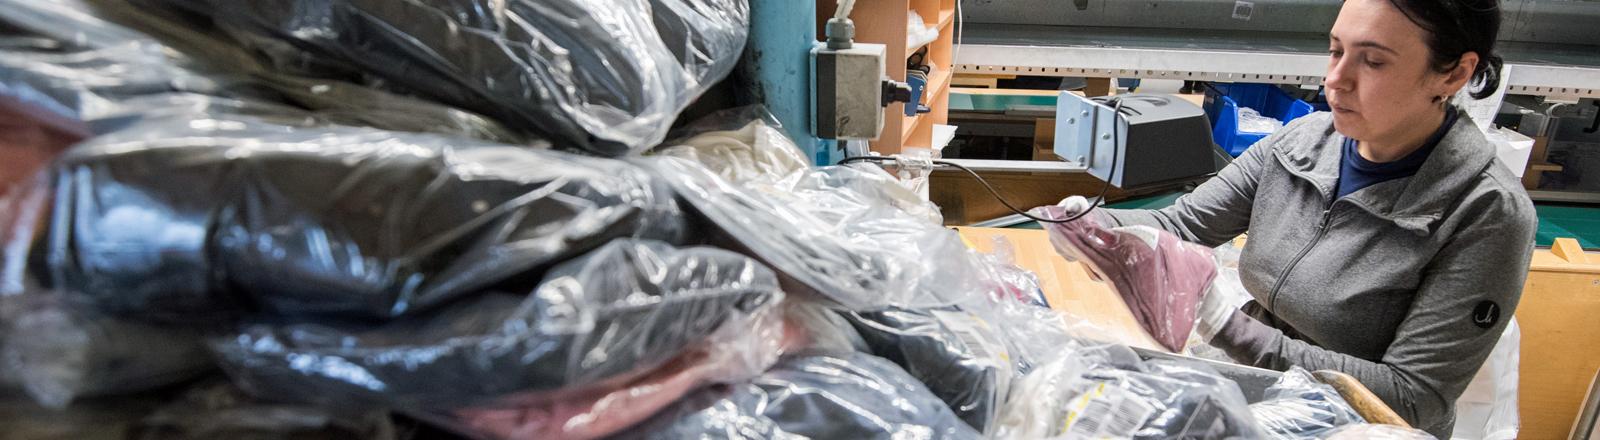 Eine Mitarbeiterin kontrolliert im Hermes Rücksendezentrum die Ware aus Paketen mit Retouren.